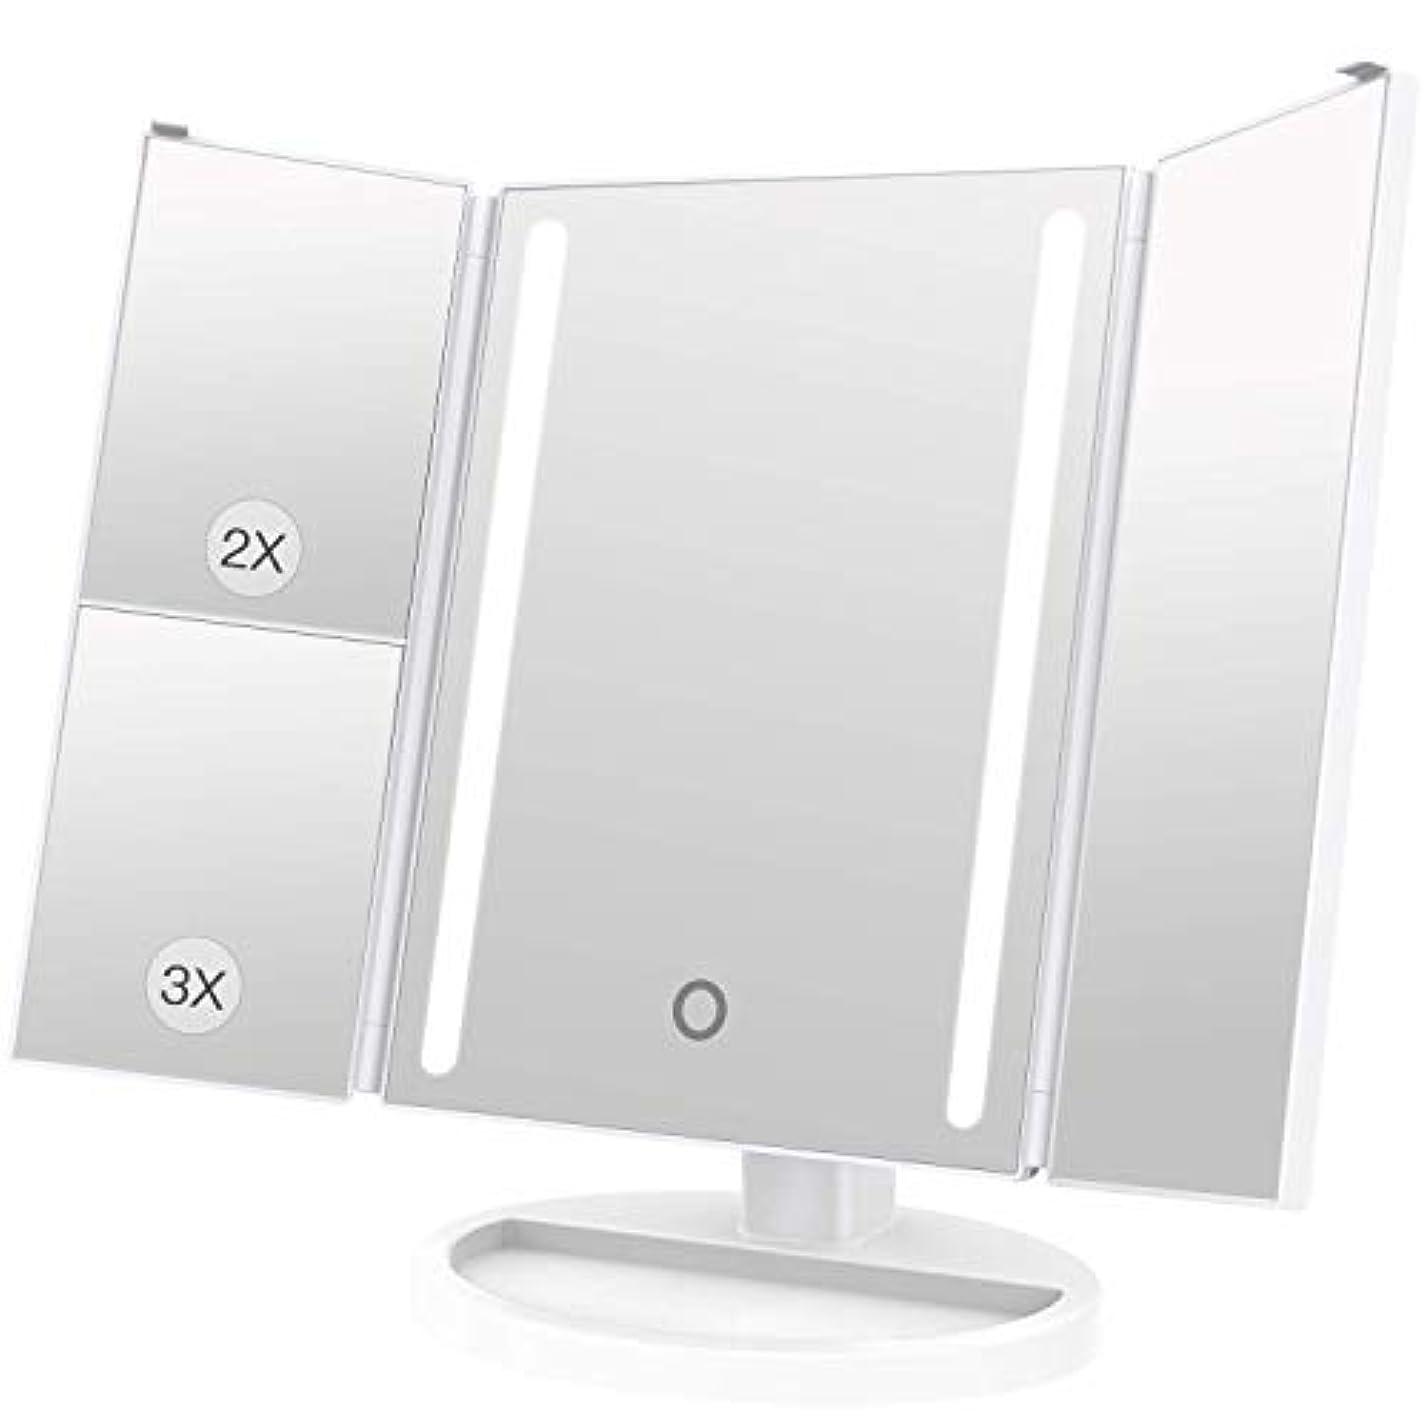 突撃部族キャロラインLEEPWEI 化粧鏡 LED 三面鏡 2&3倍拡大鏡付き 明るさ調節可能 180度回転 USB/単三電池給電 (ホワイト)